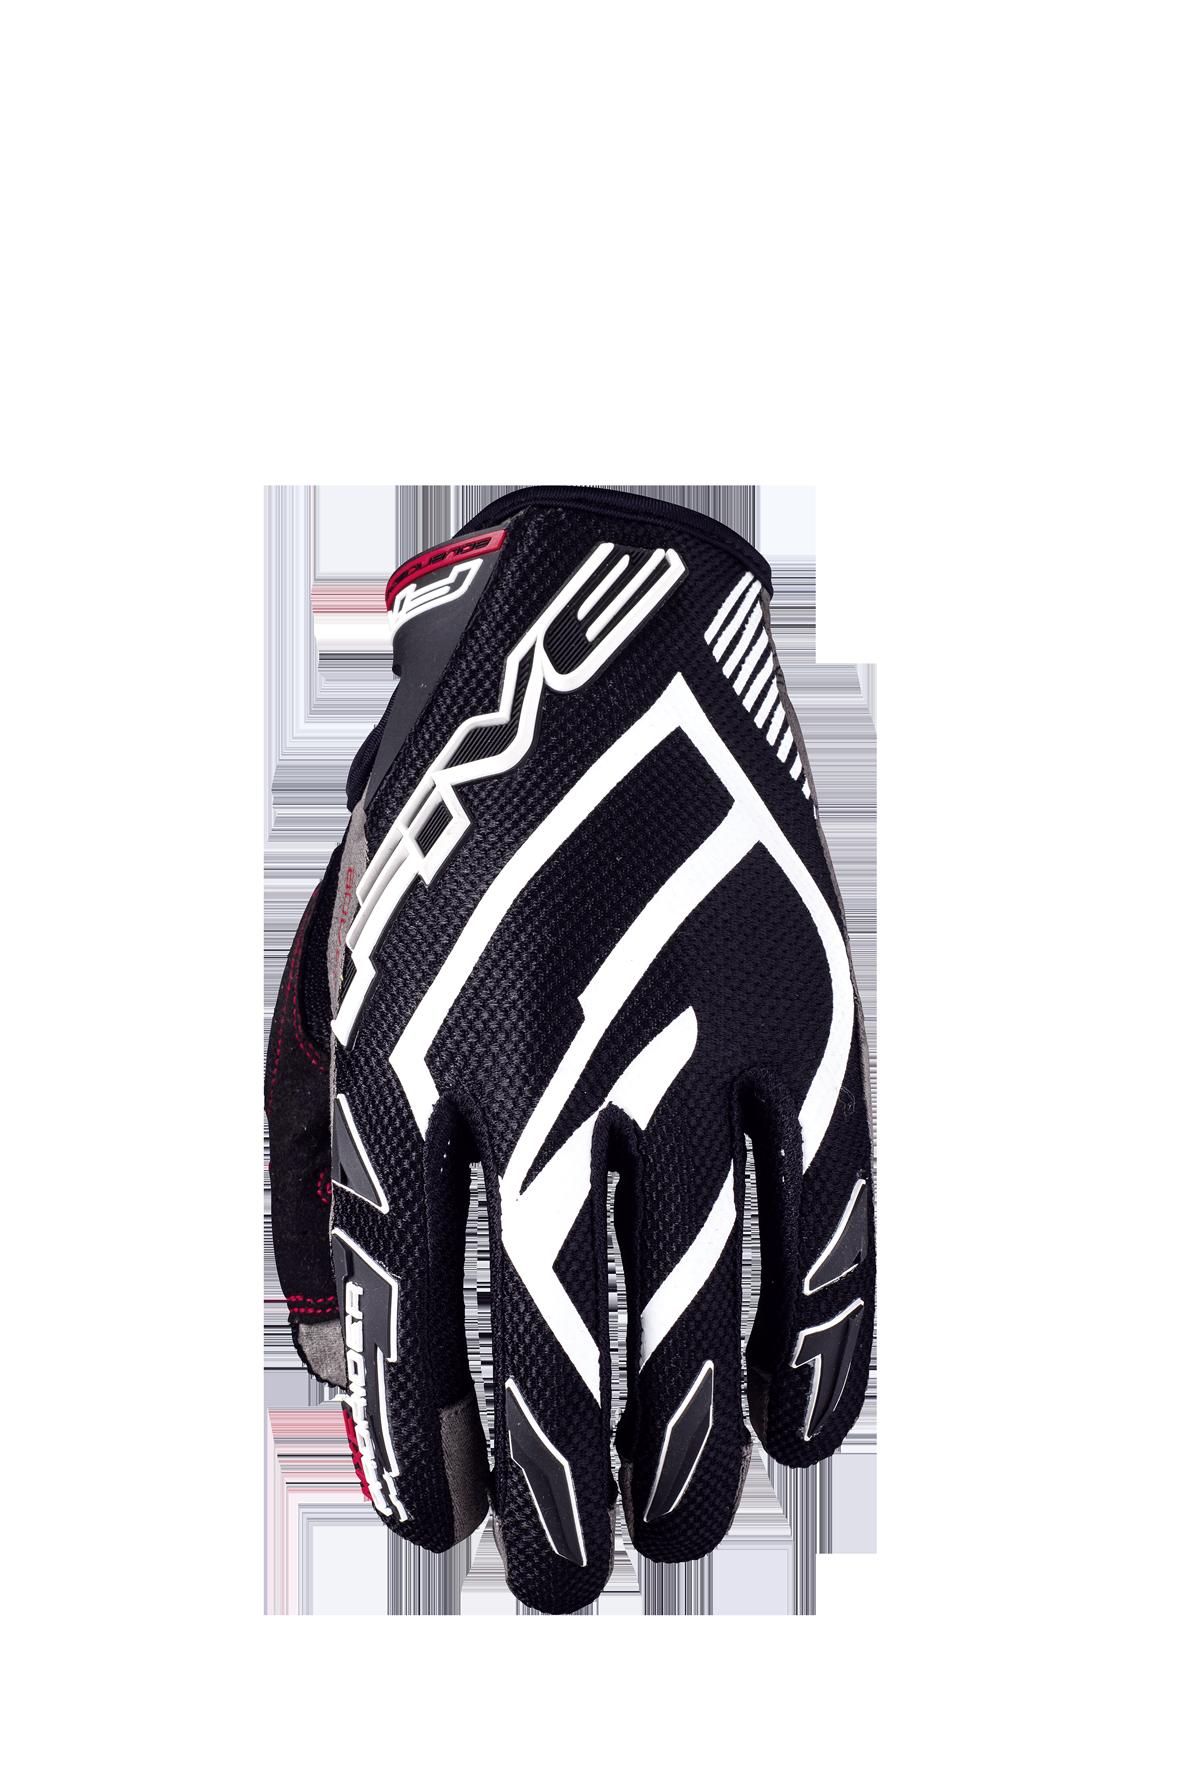 FIVE MXF Prorider S, Black/White